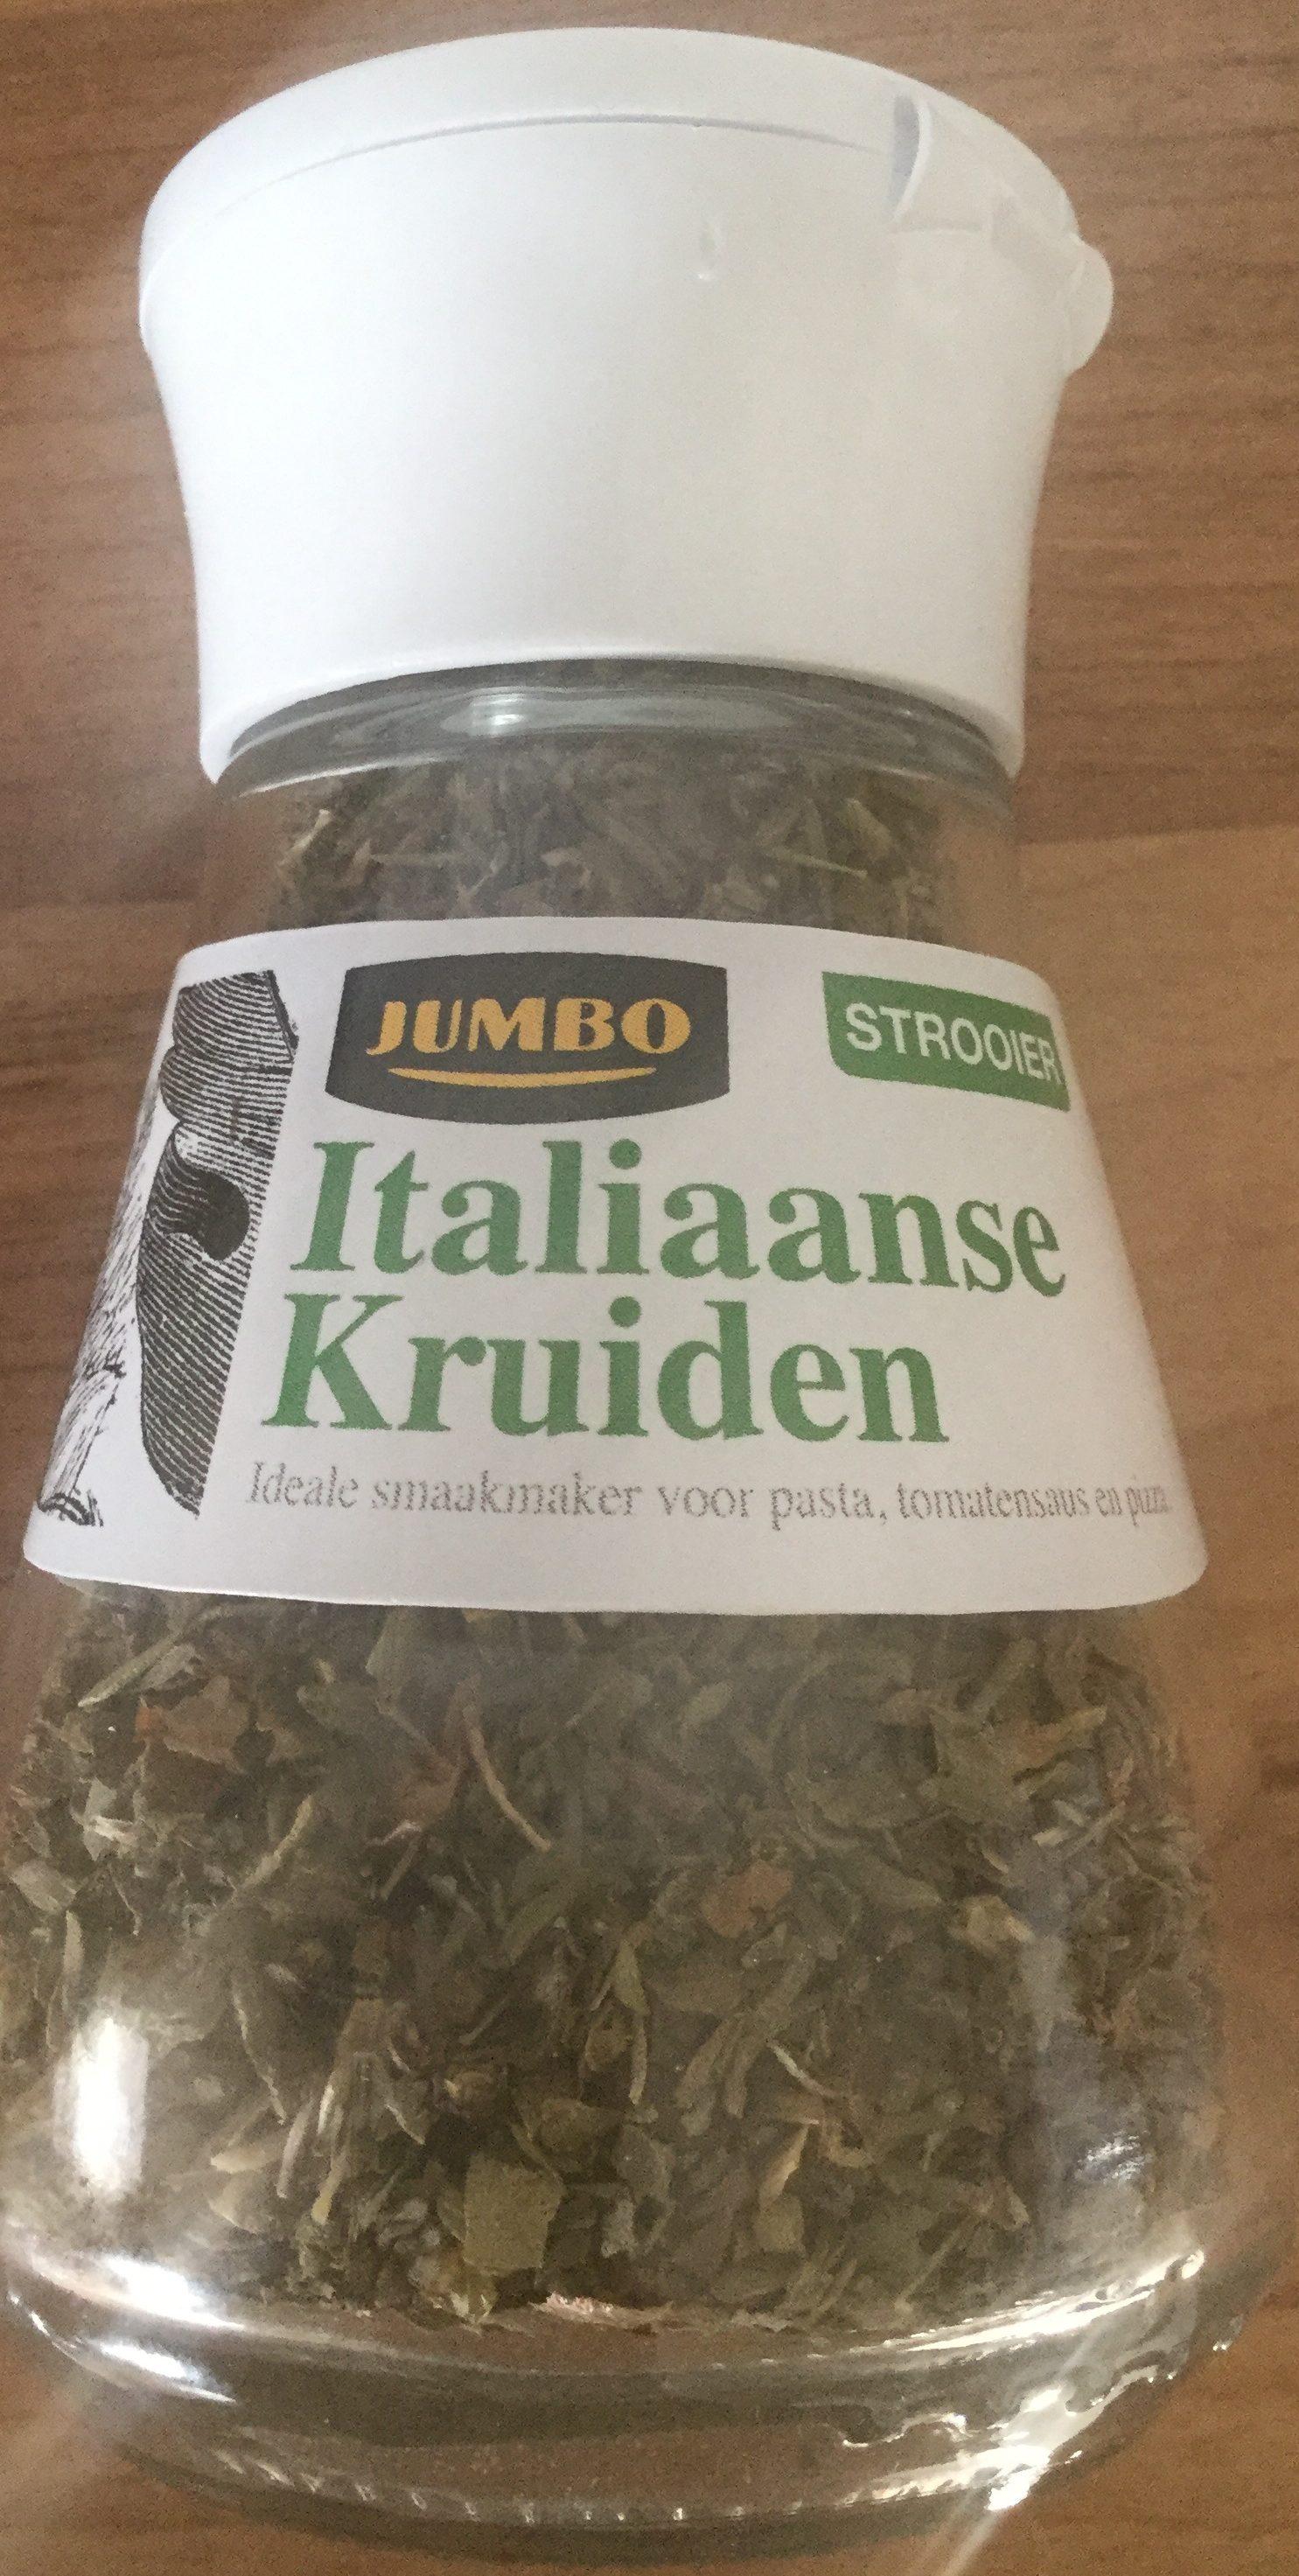 Italiaanse kruiden - Product